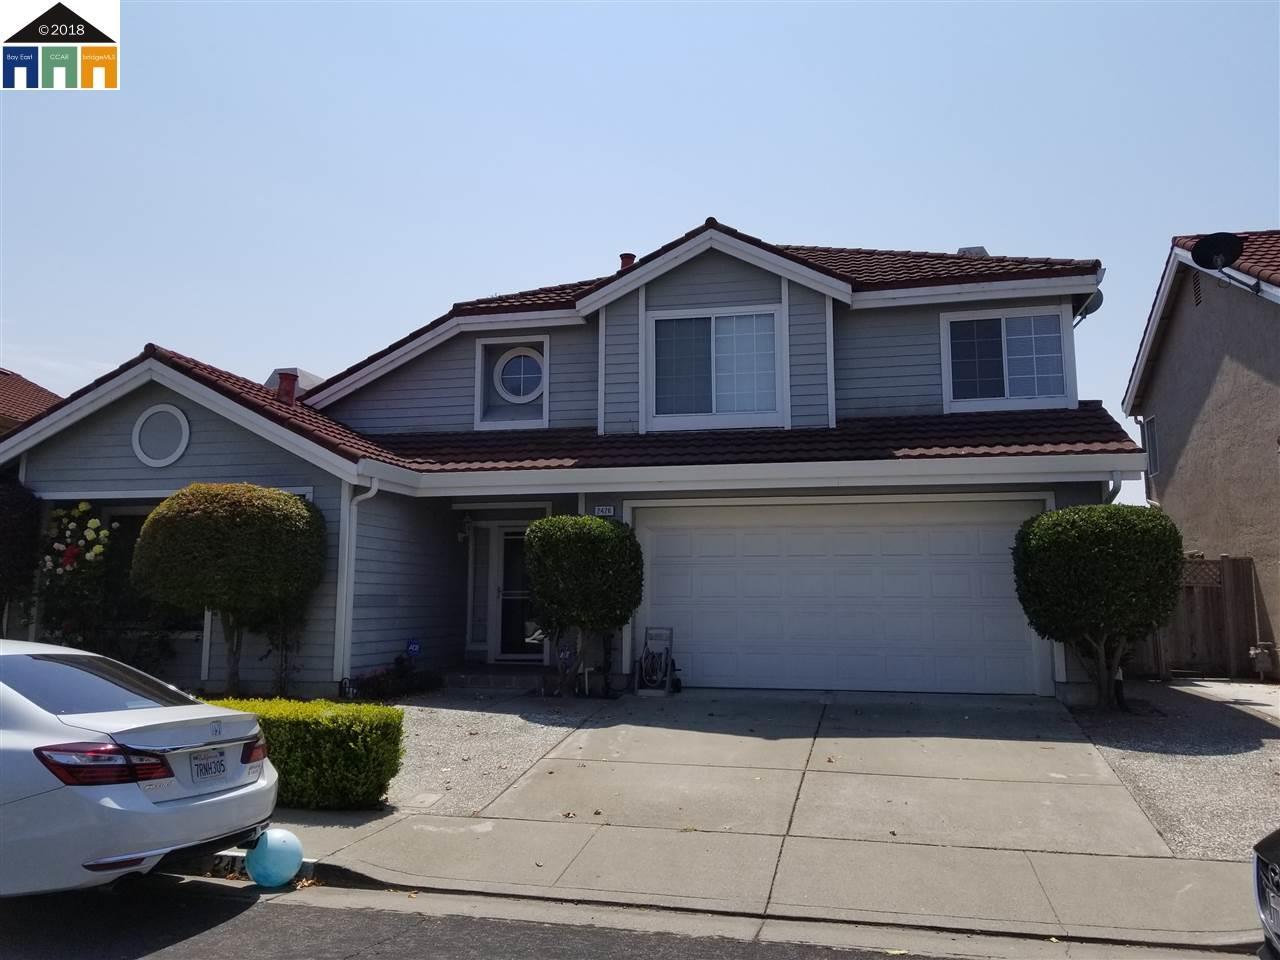 2426 HOMESTEAD CIR, RICHMOND, CA 94806